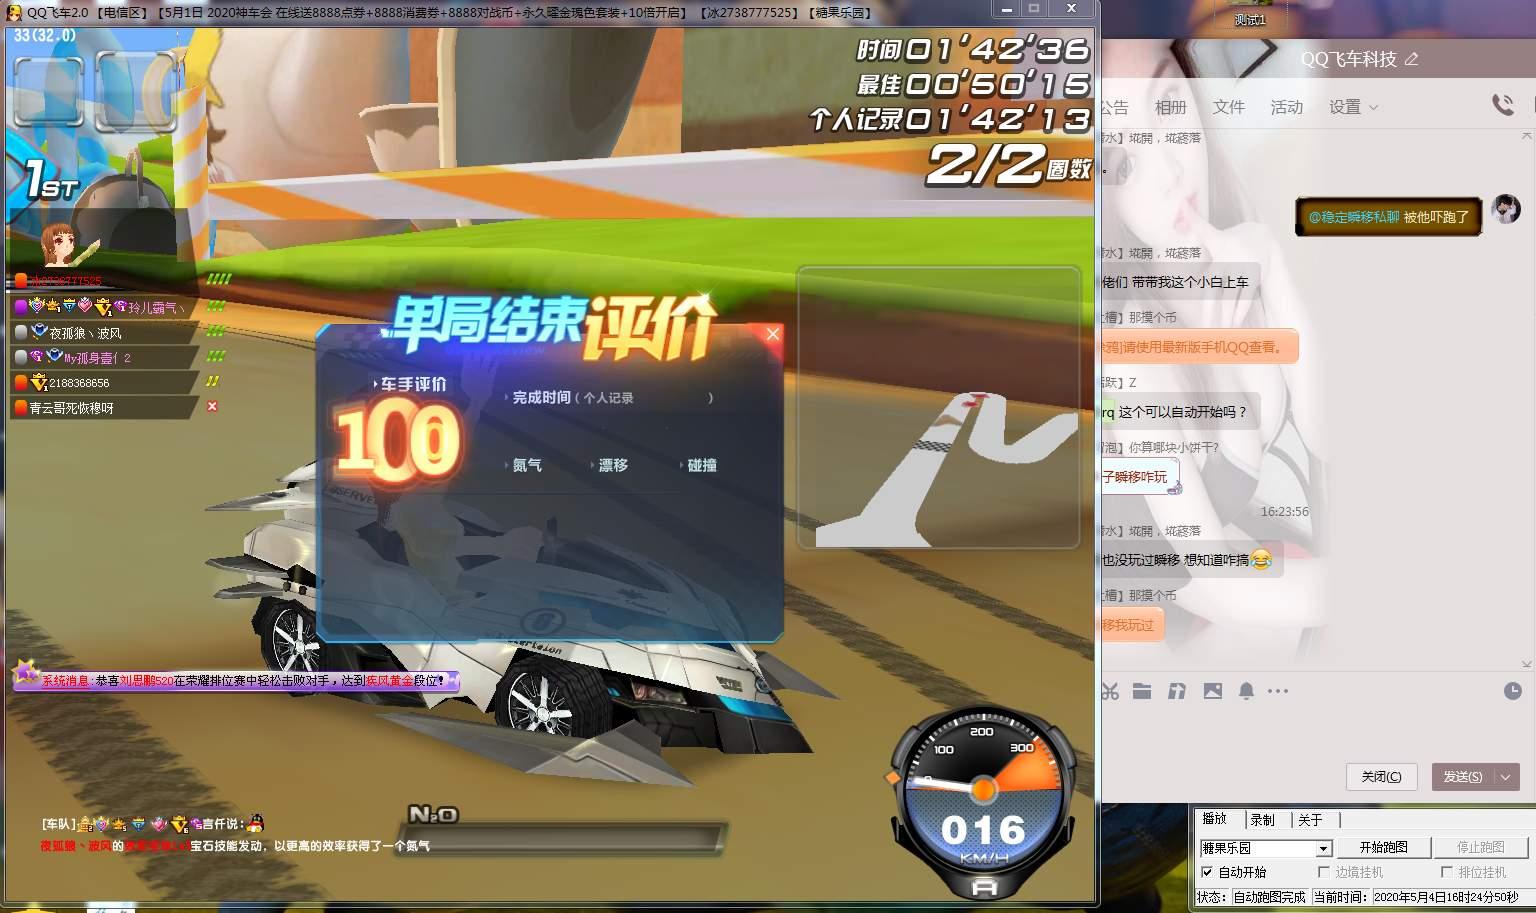 QQ飞车最新边境影子瞬移